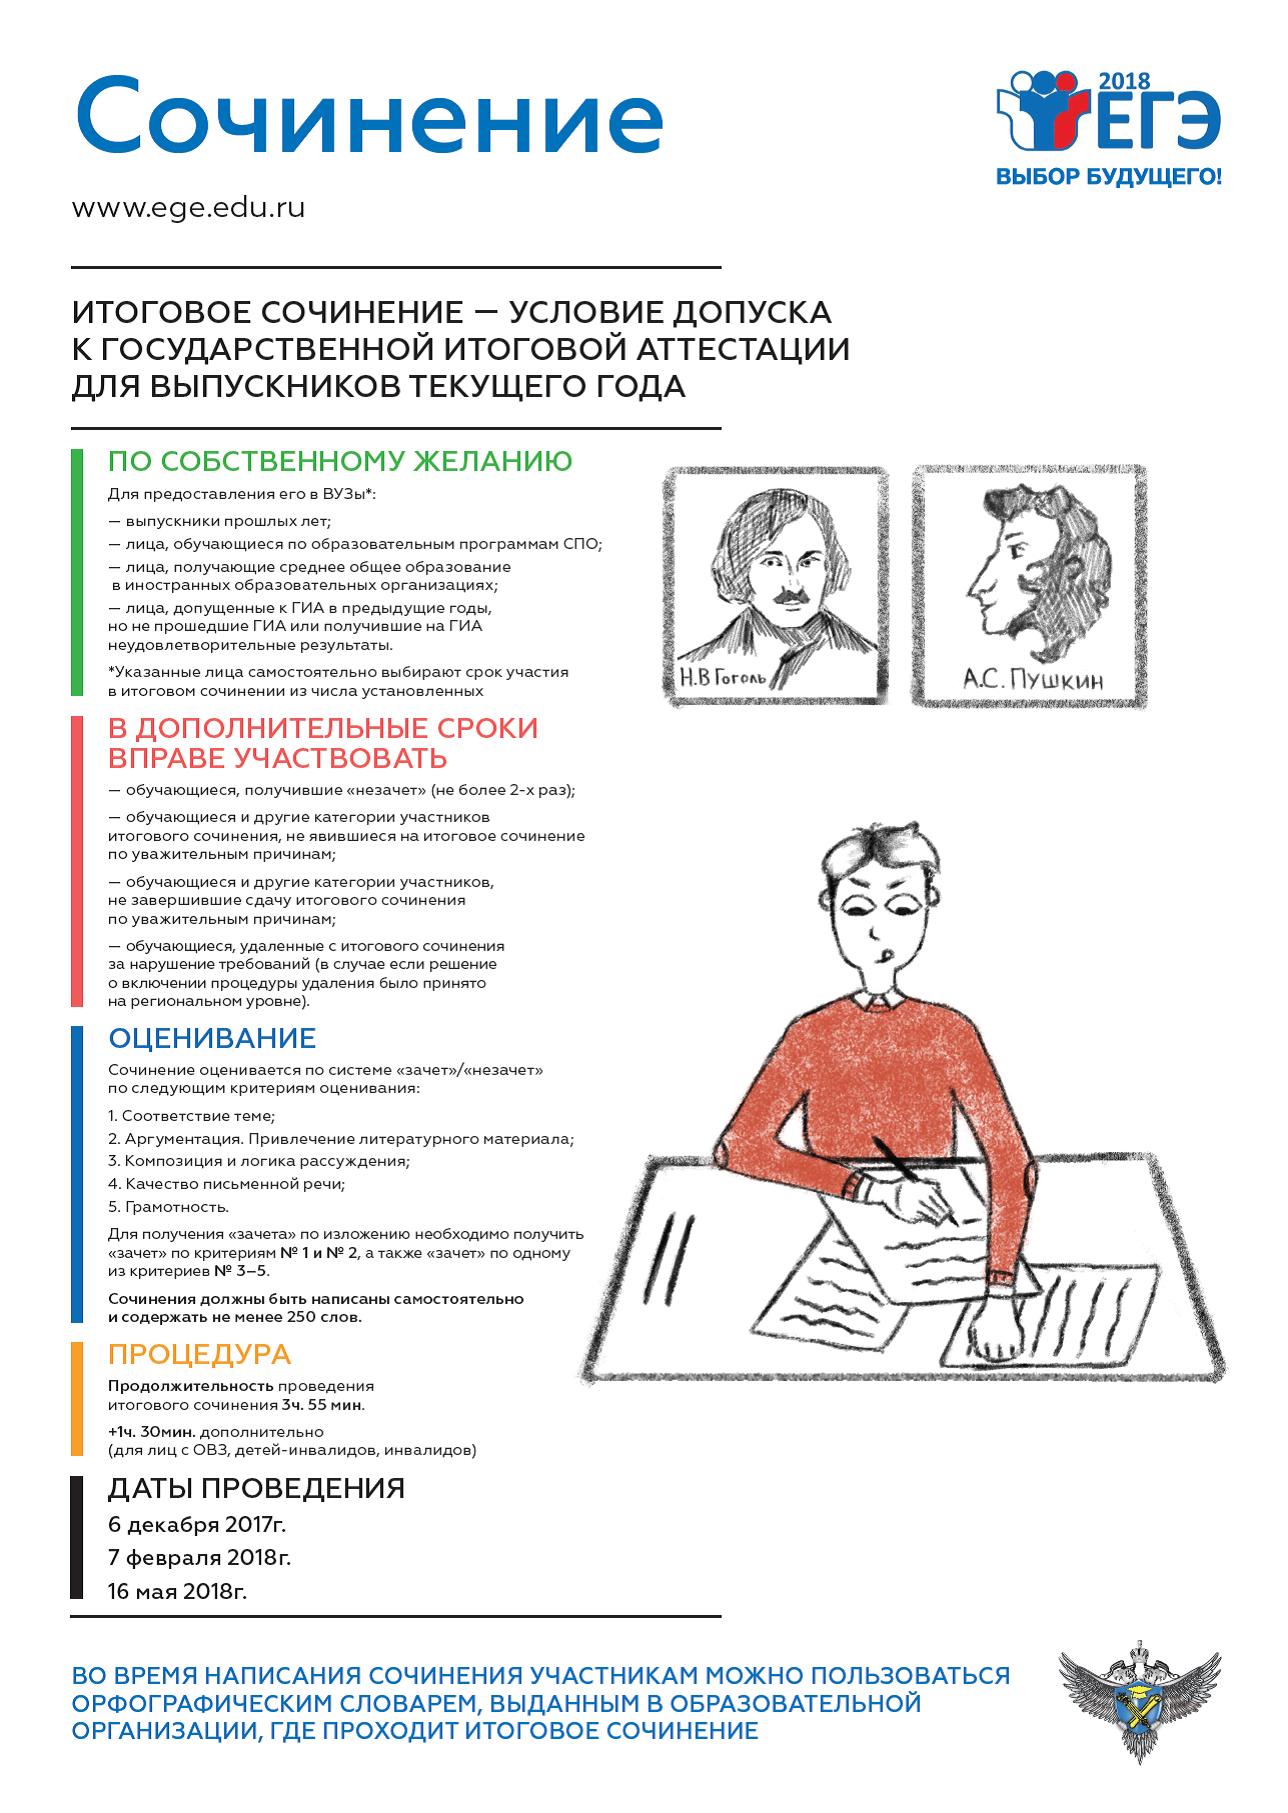 stsenariy-novogodnyuyu-sochinenie-na-temu-tri-zhenshini-lutfullina